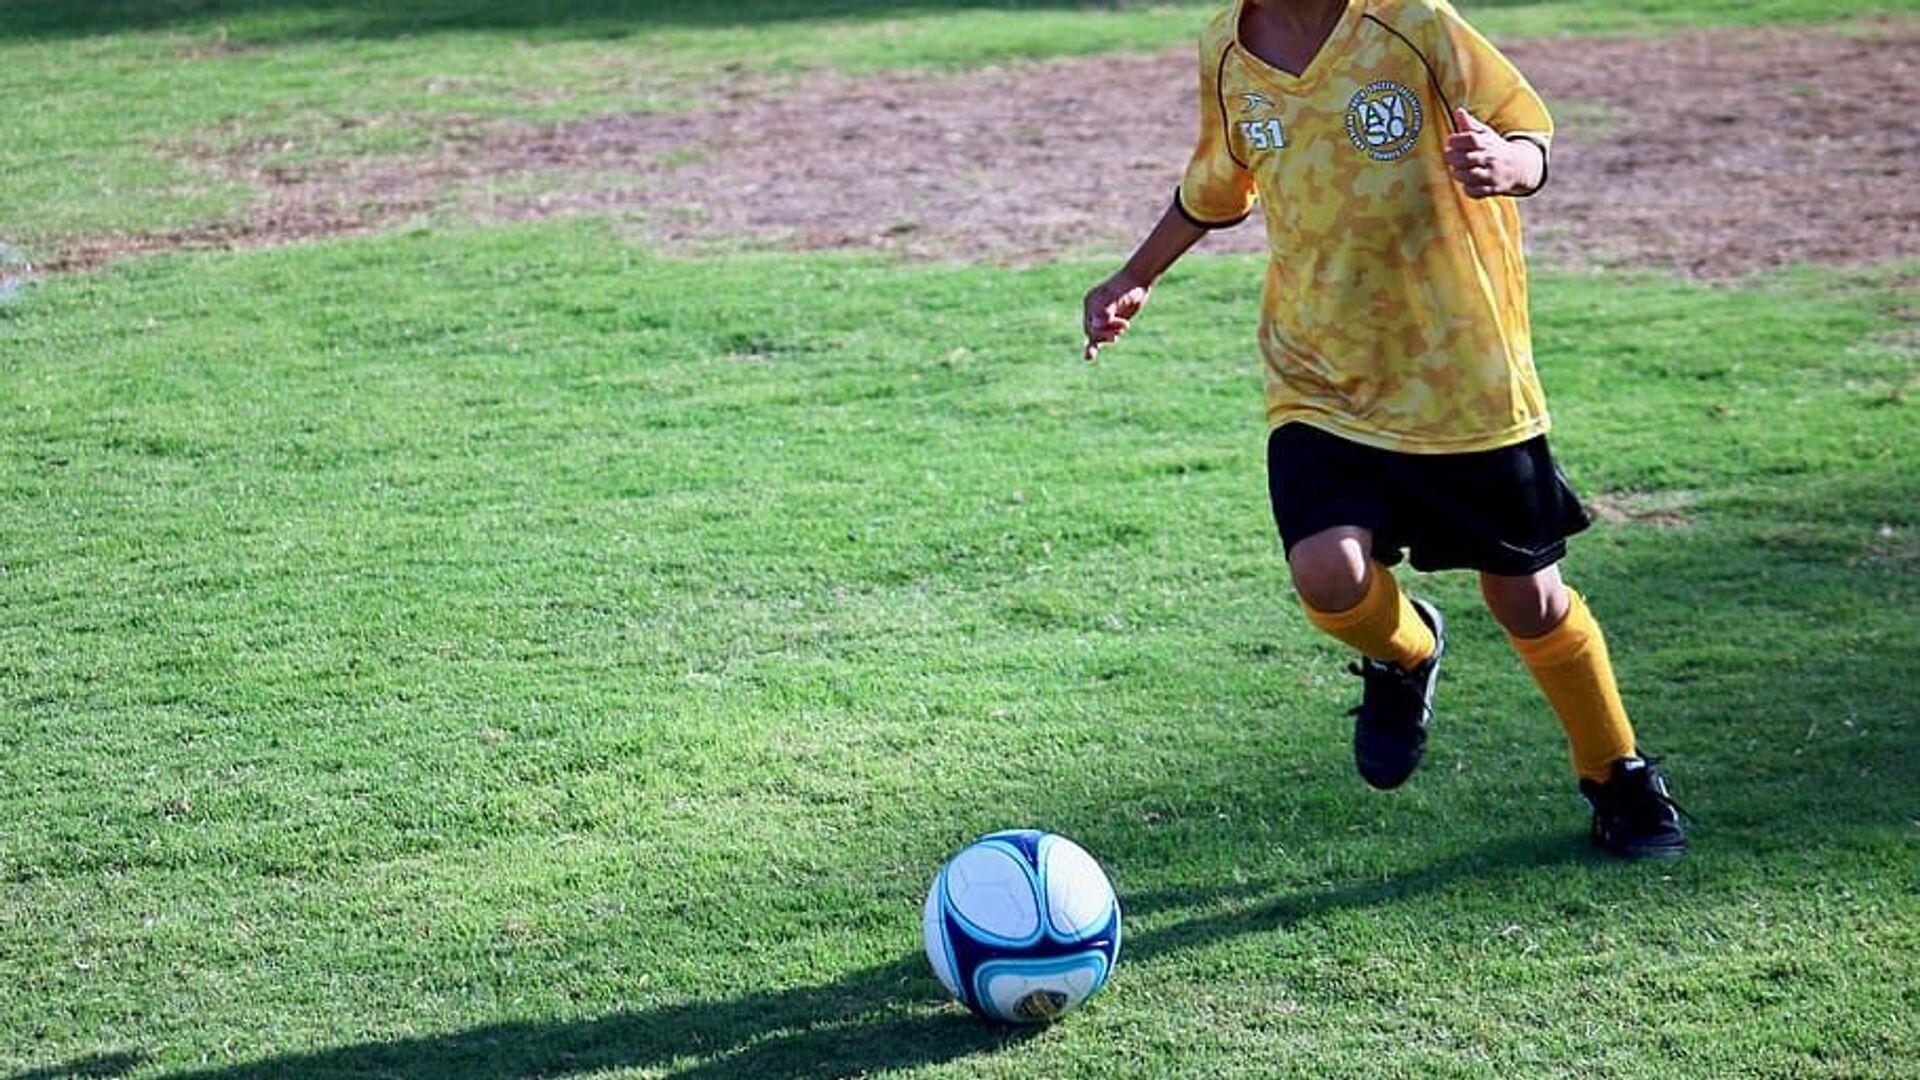 Bambino che gioca a calcio - Sputnik Italia, 1920, 26.03.2021